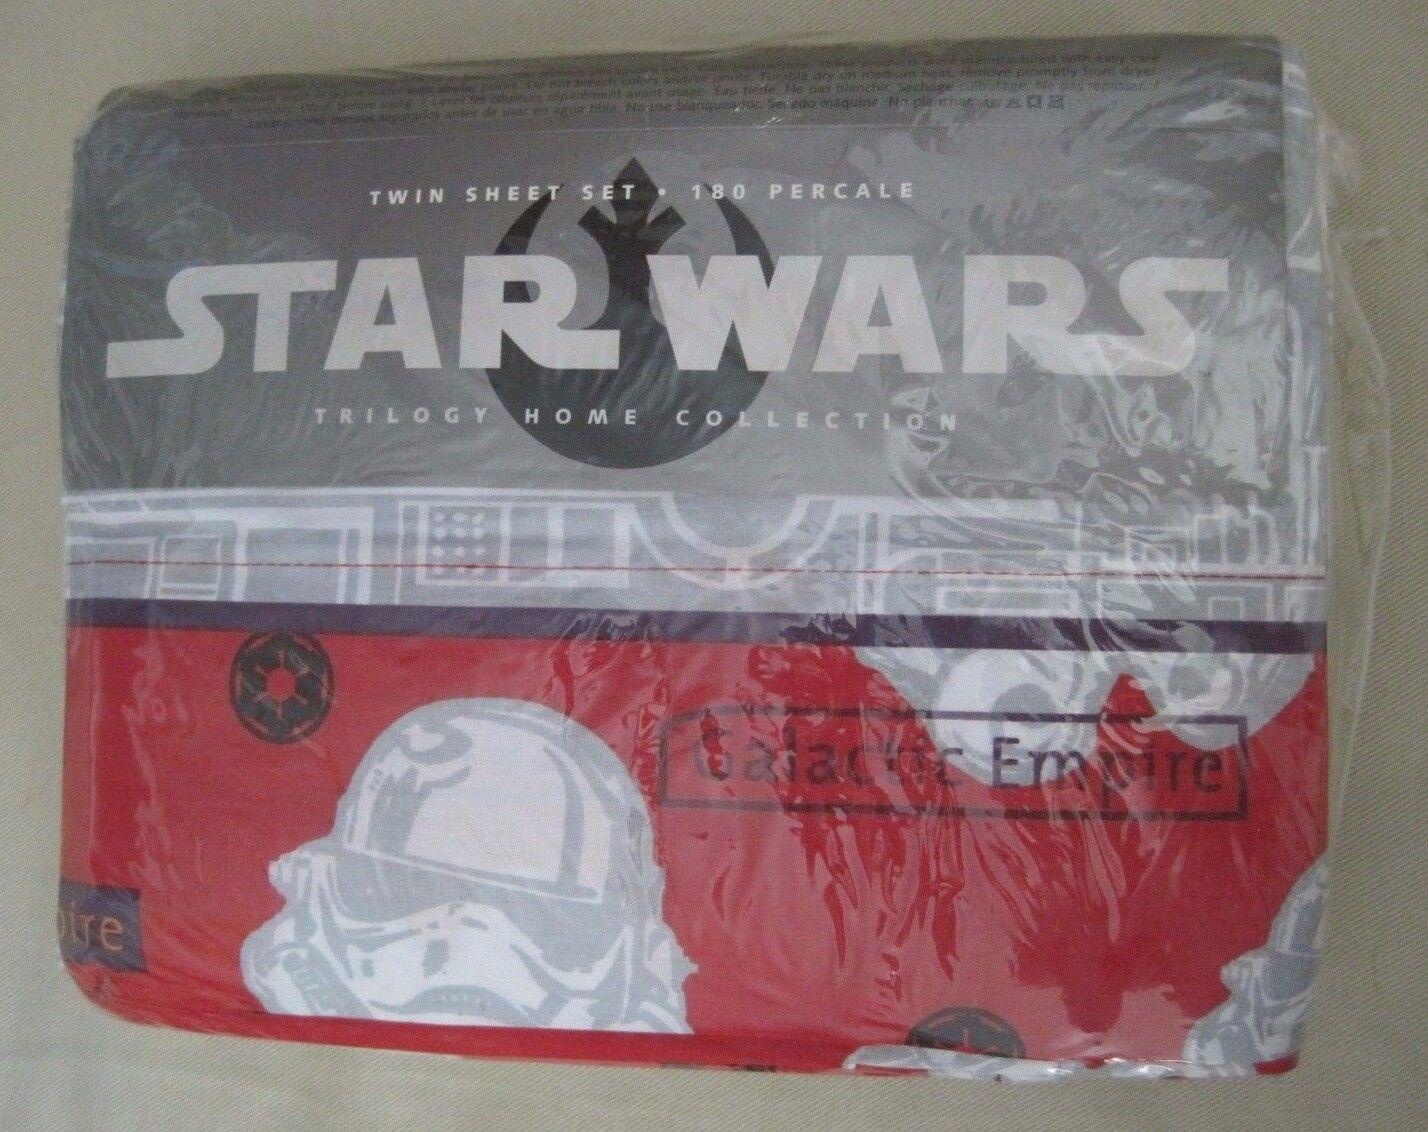 Star Wars Trilogy Home Collection Empire Galactique Simple Ensemble de Draps 180